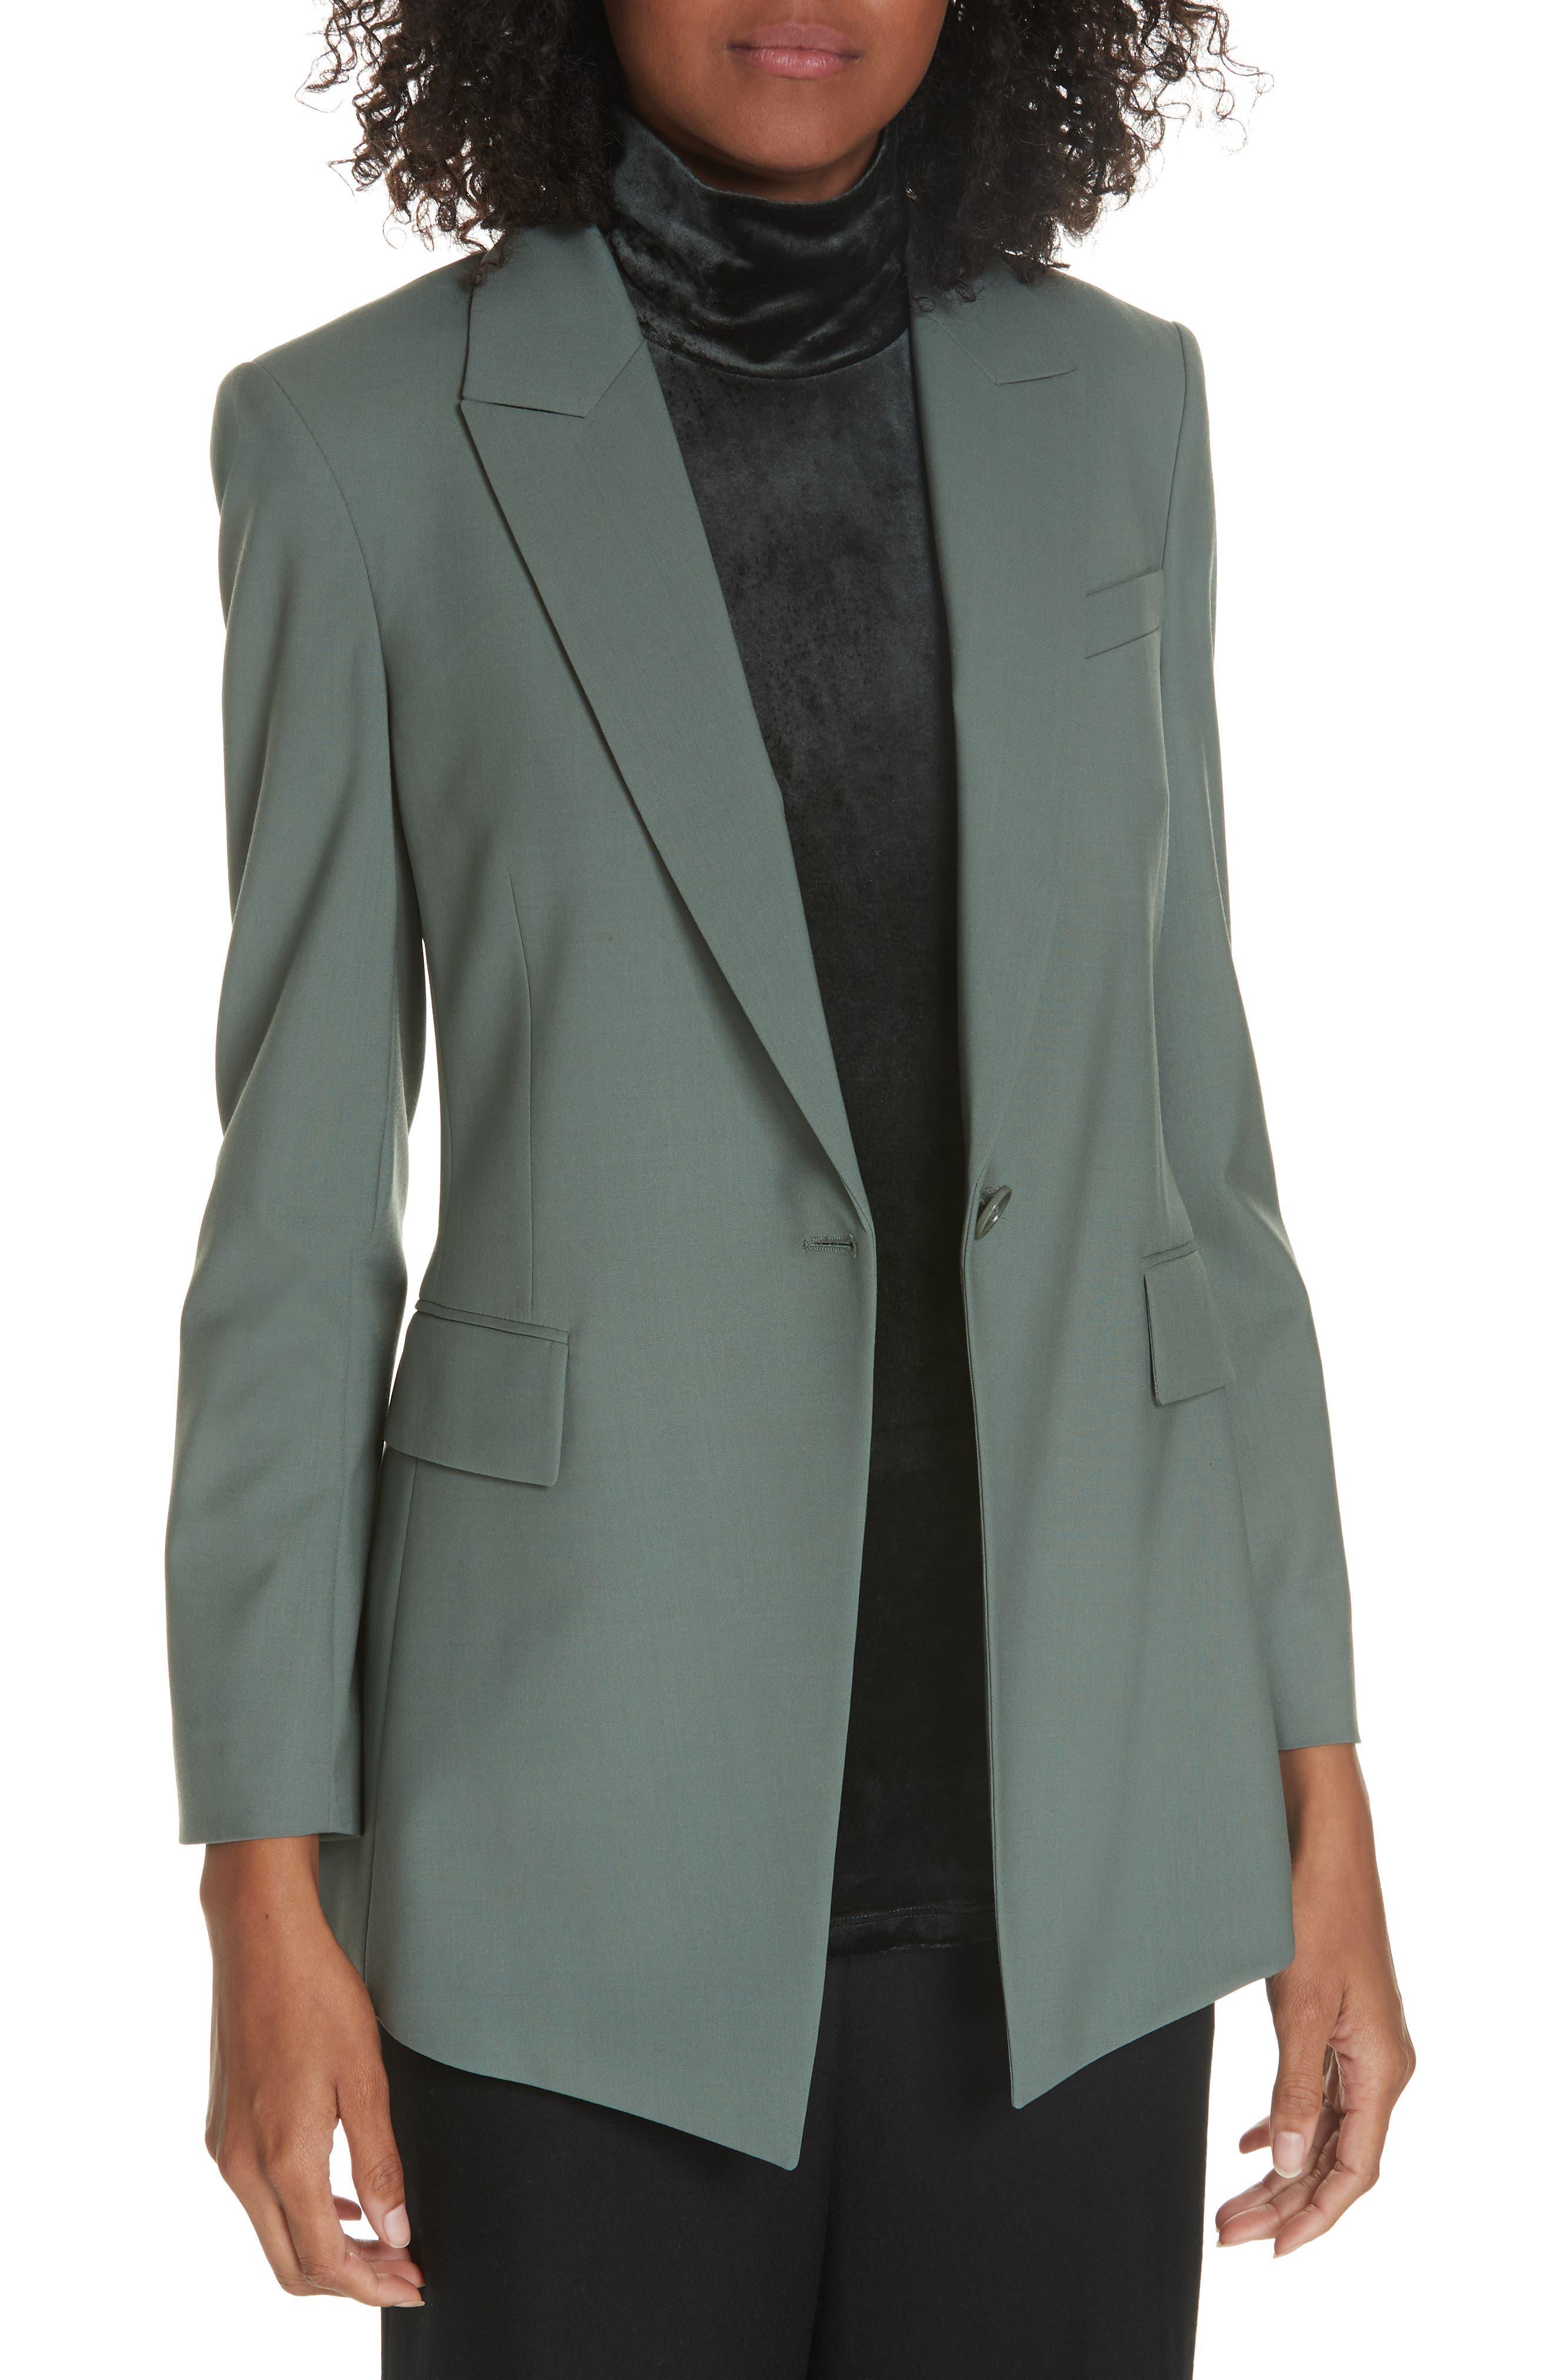 Etienette B Good Wool Suit Jacket,                             Main thumbnail 1, color,